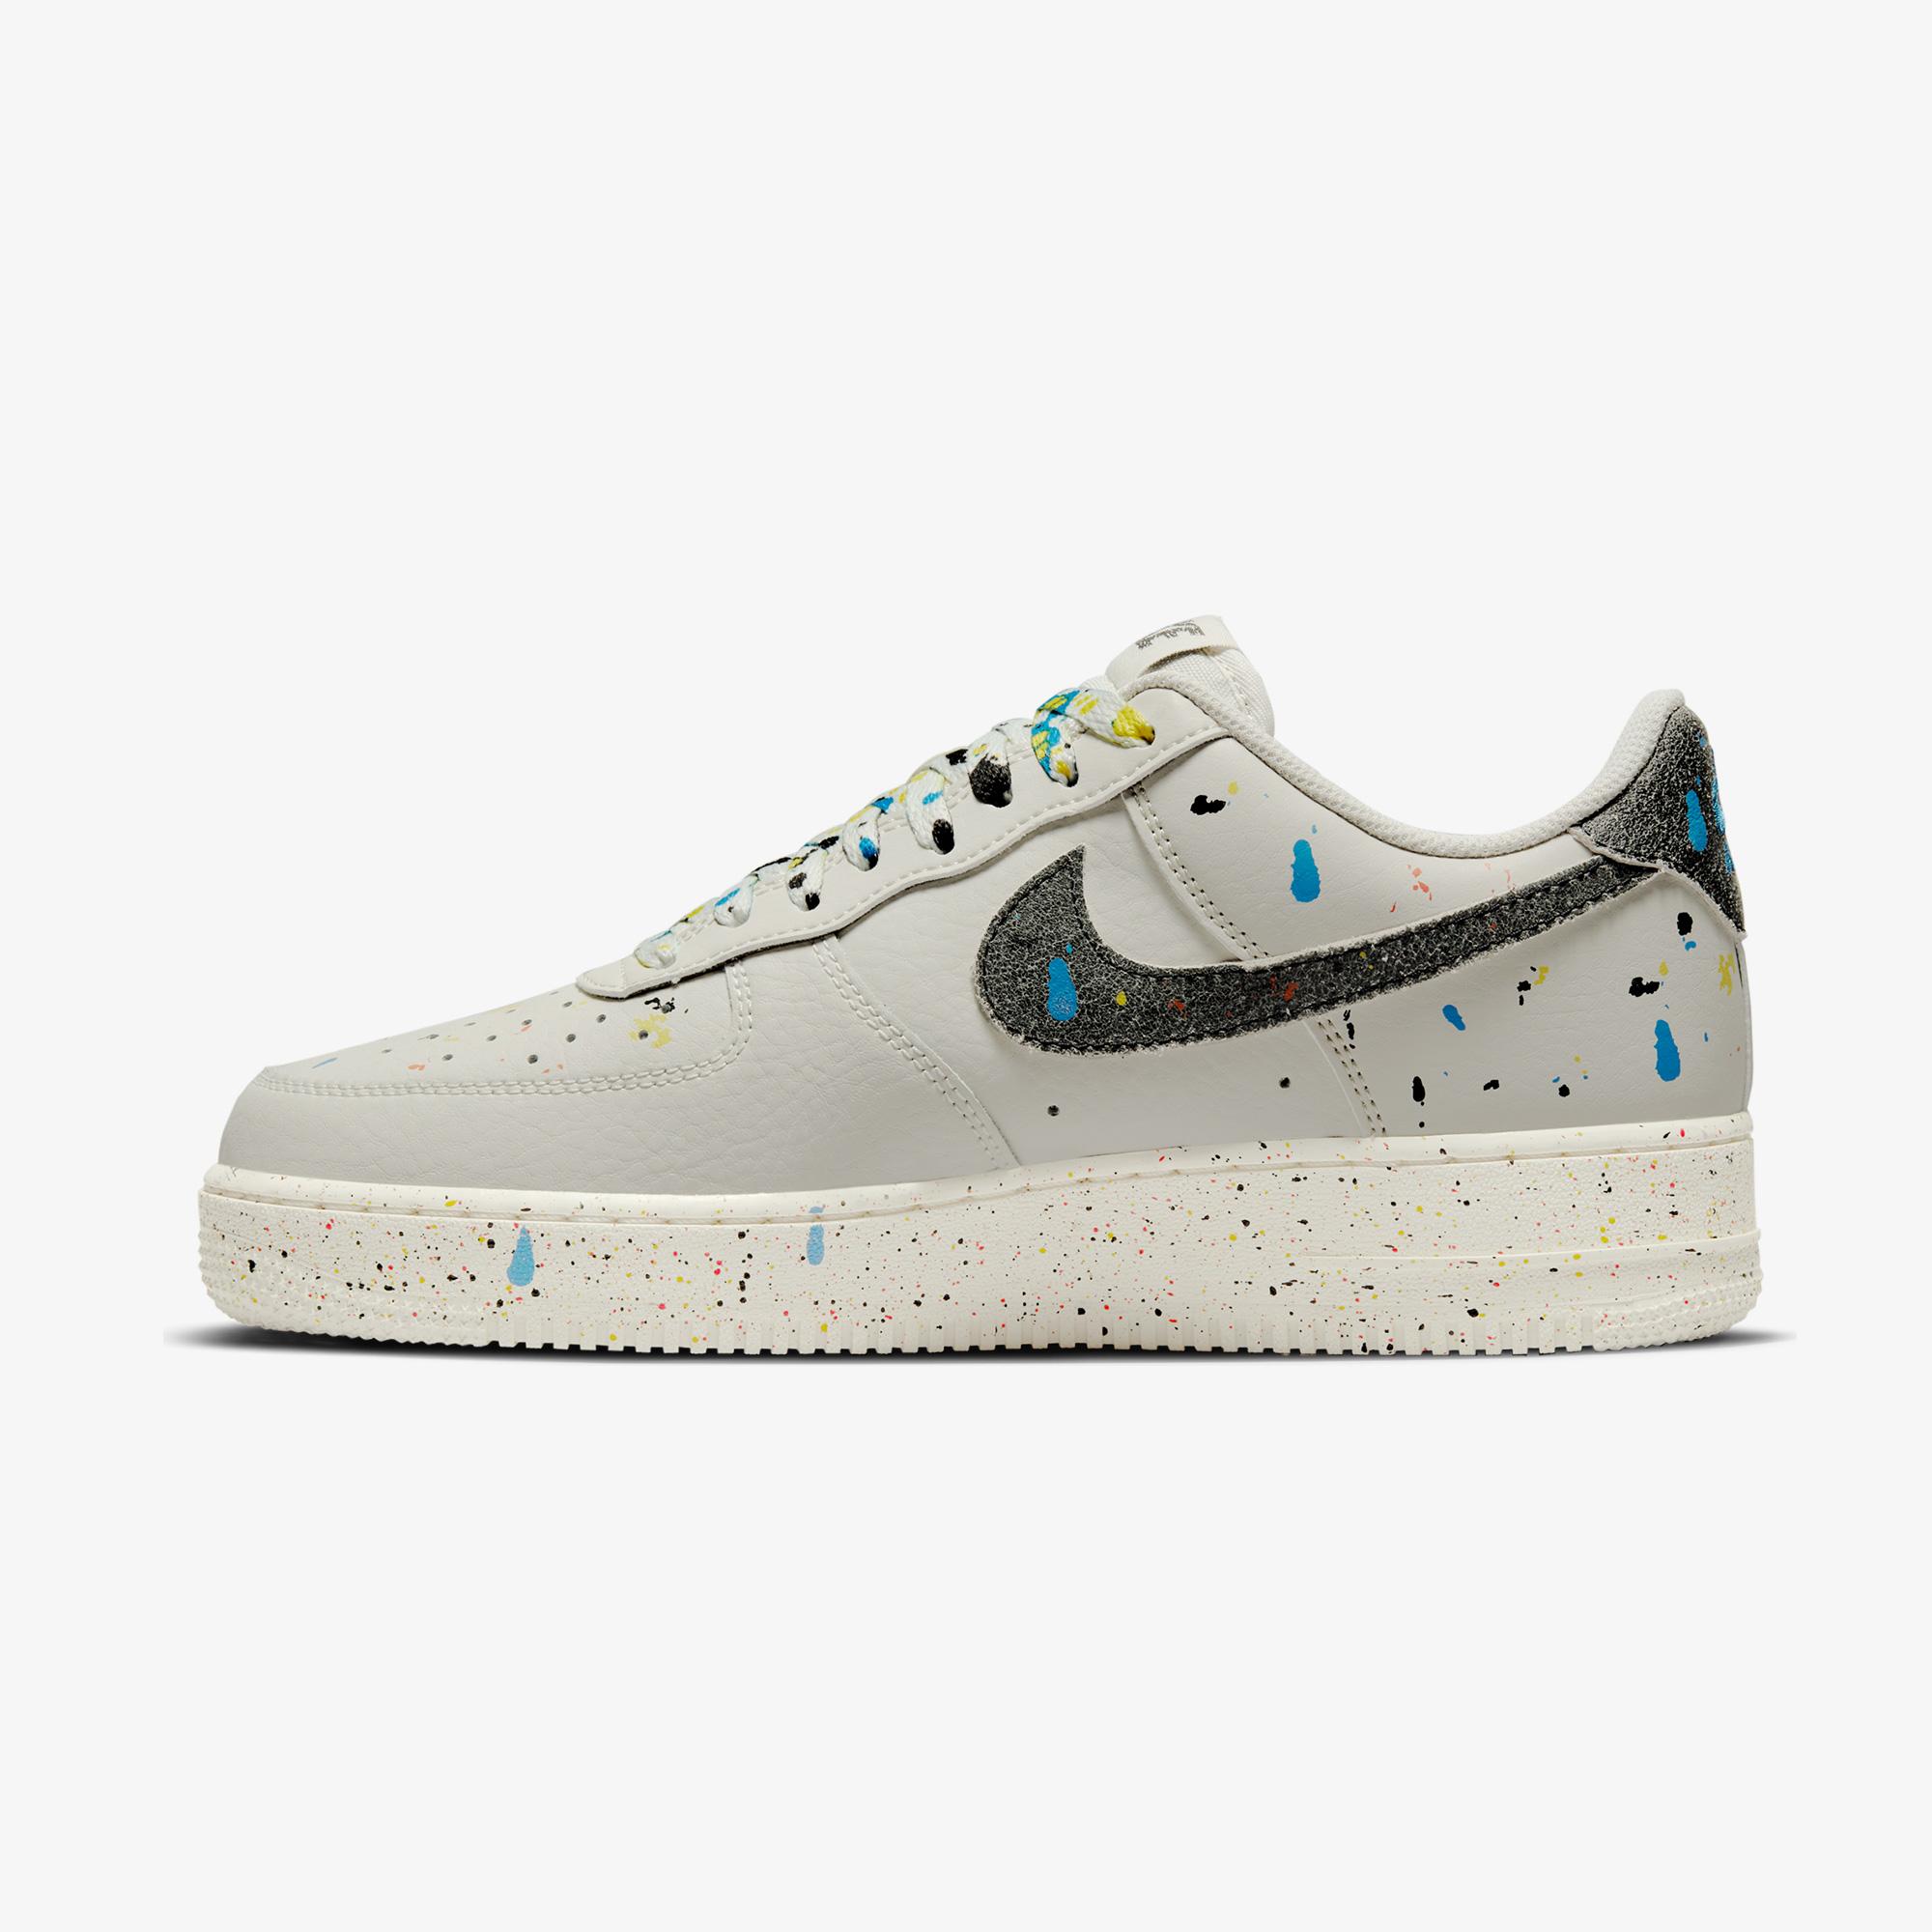 Nike Air Force 1 '07 LV8 Erkek Beyaz Spor Ayakkabı